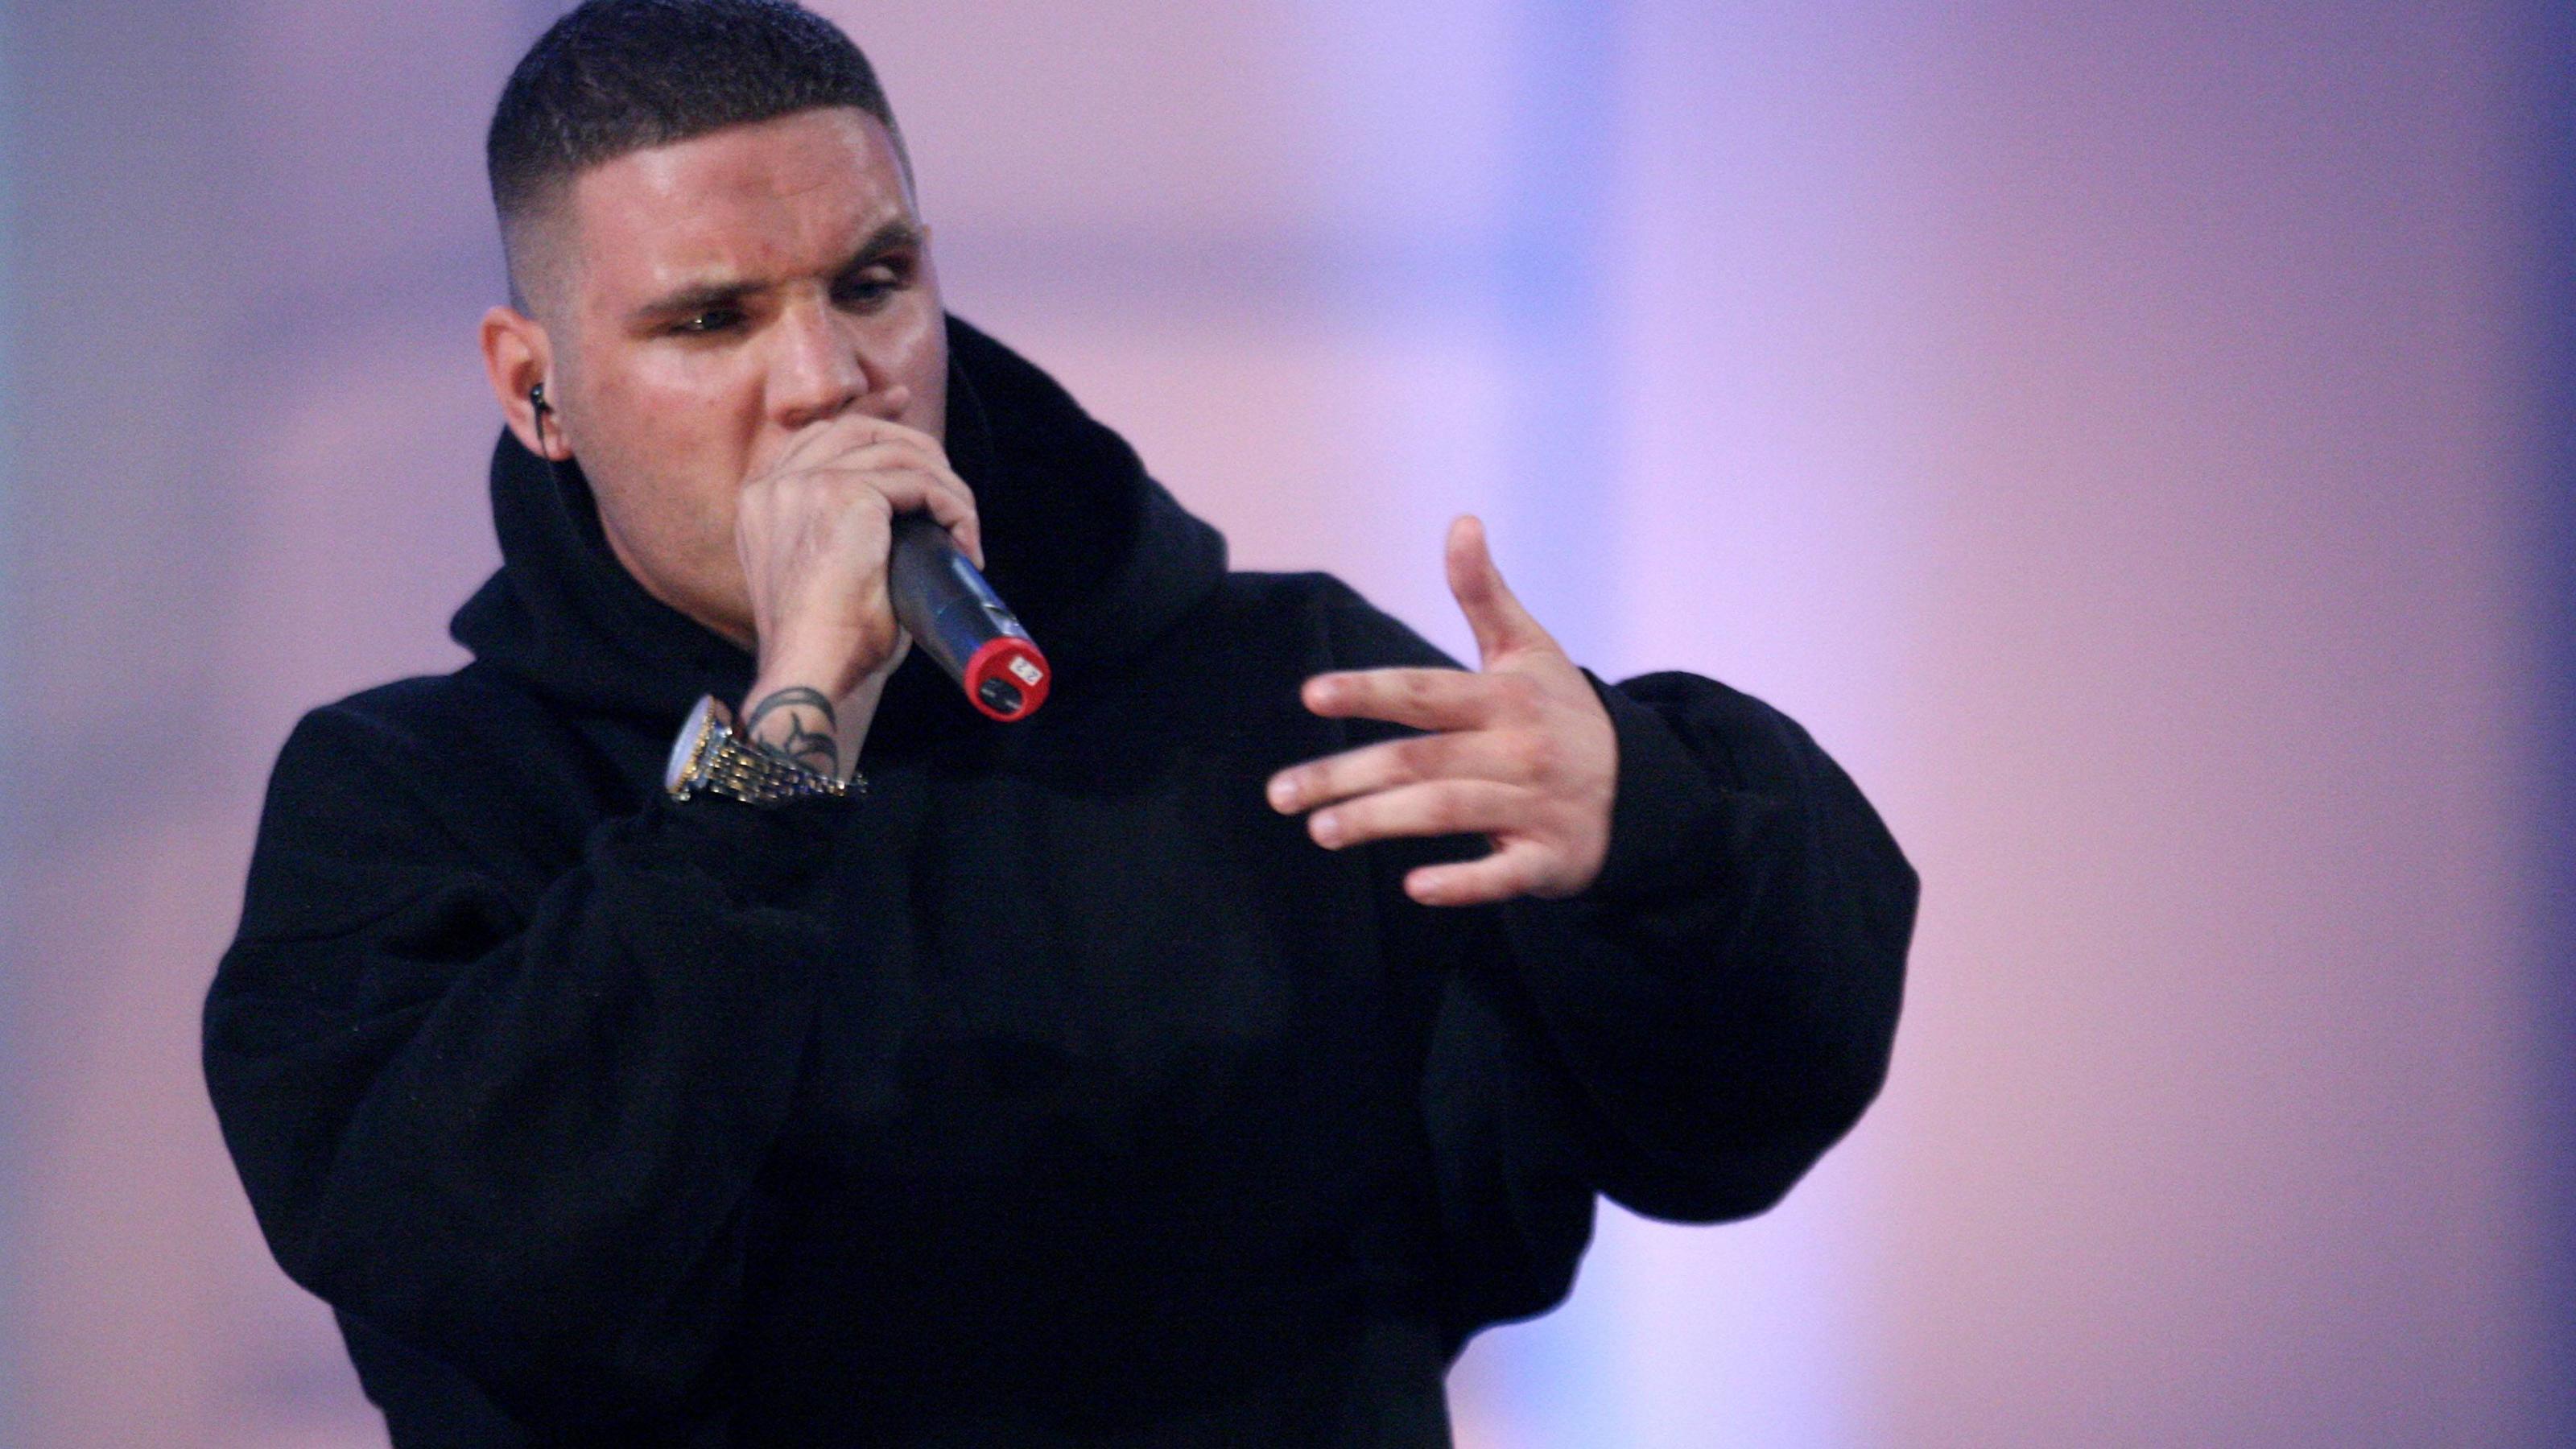 Skandal-Rapper (38) Fler angeklagt - Es drohen mindestens zwei Jahre Haft